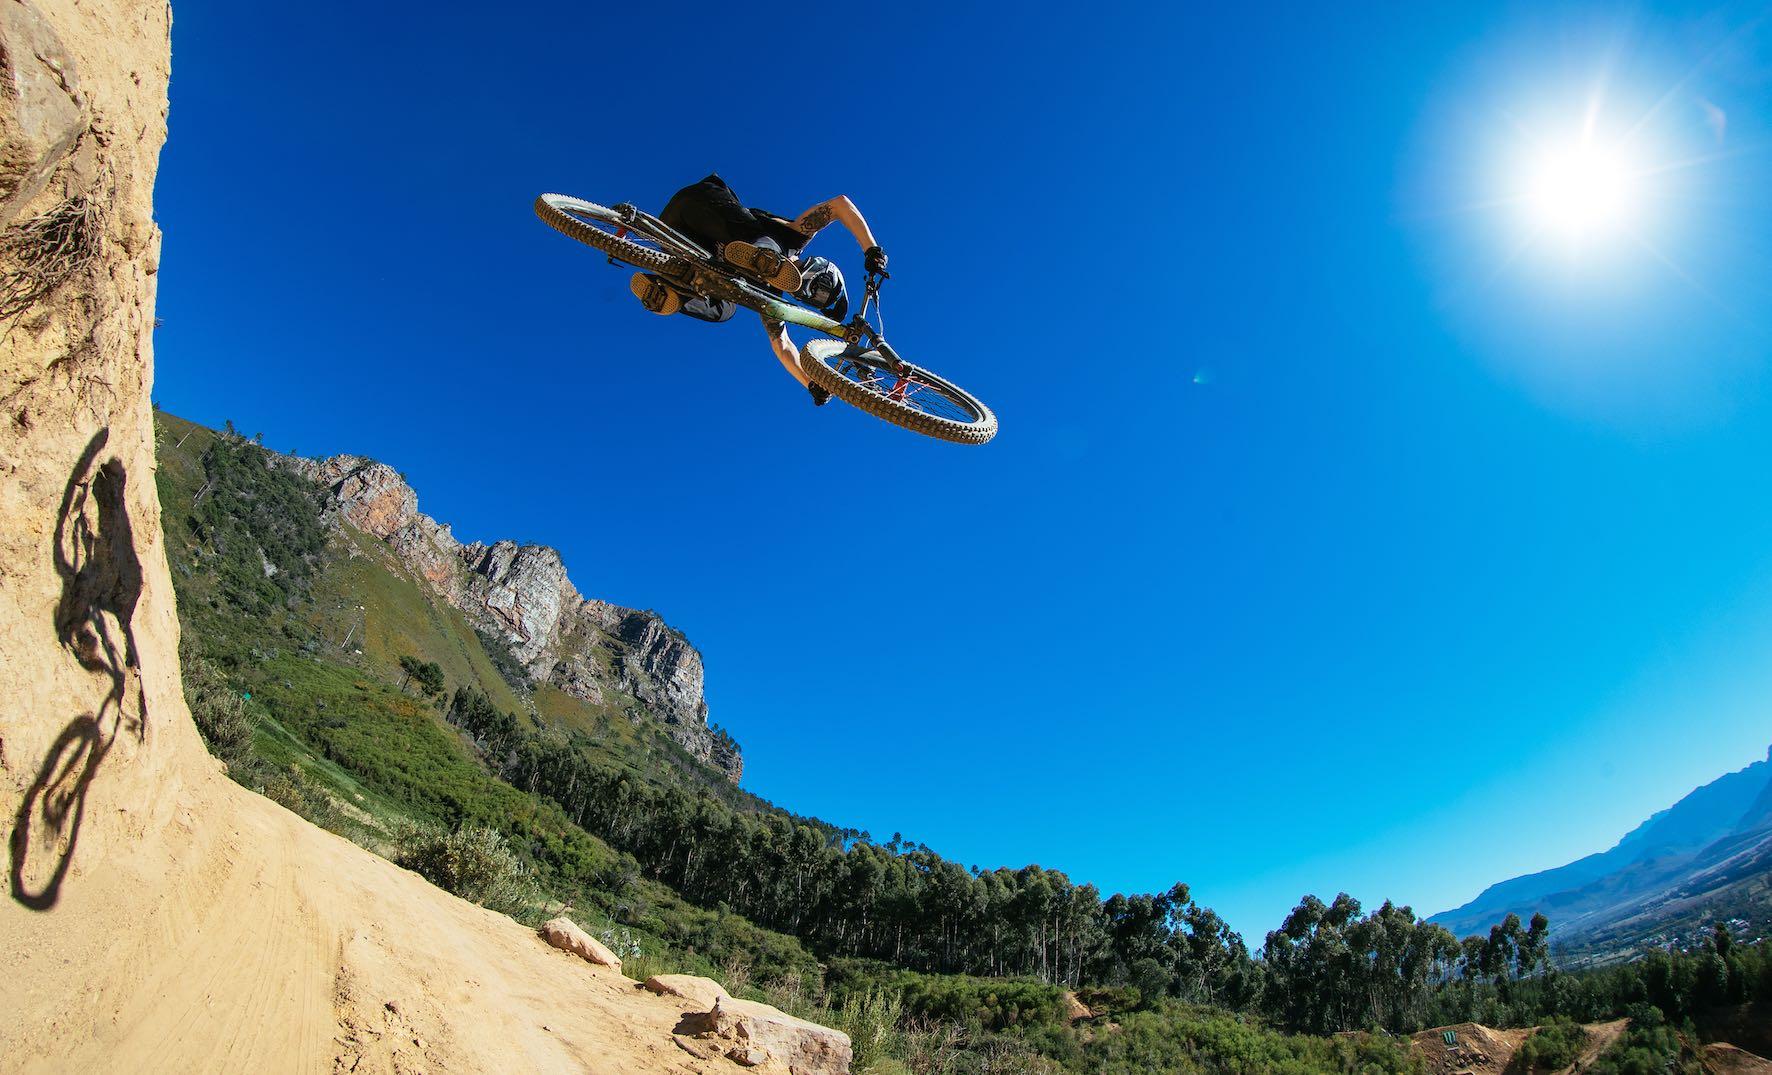 Interview with Freeride Mountain Bike rider Matt Macduff about DarkFEST 2019